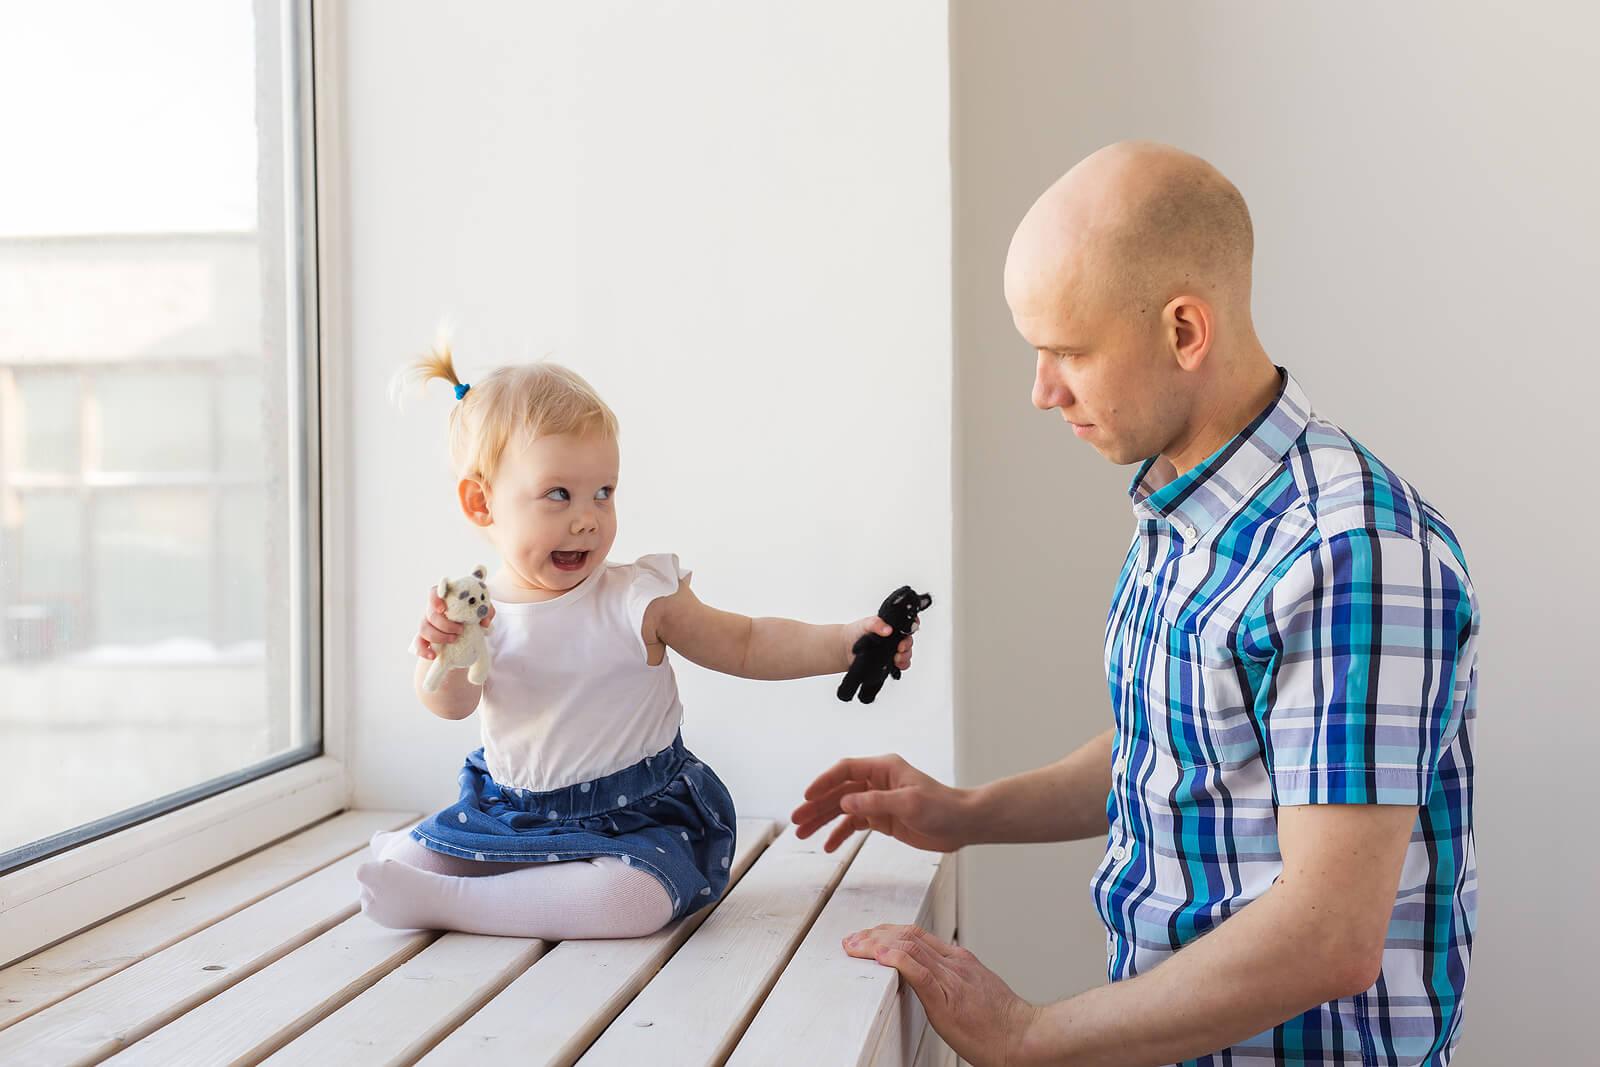 Papá con su hija hablando mediante el baby signing.